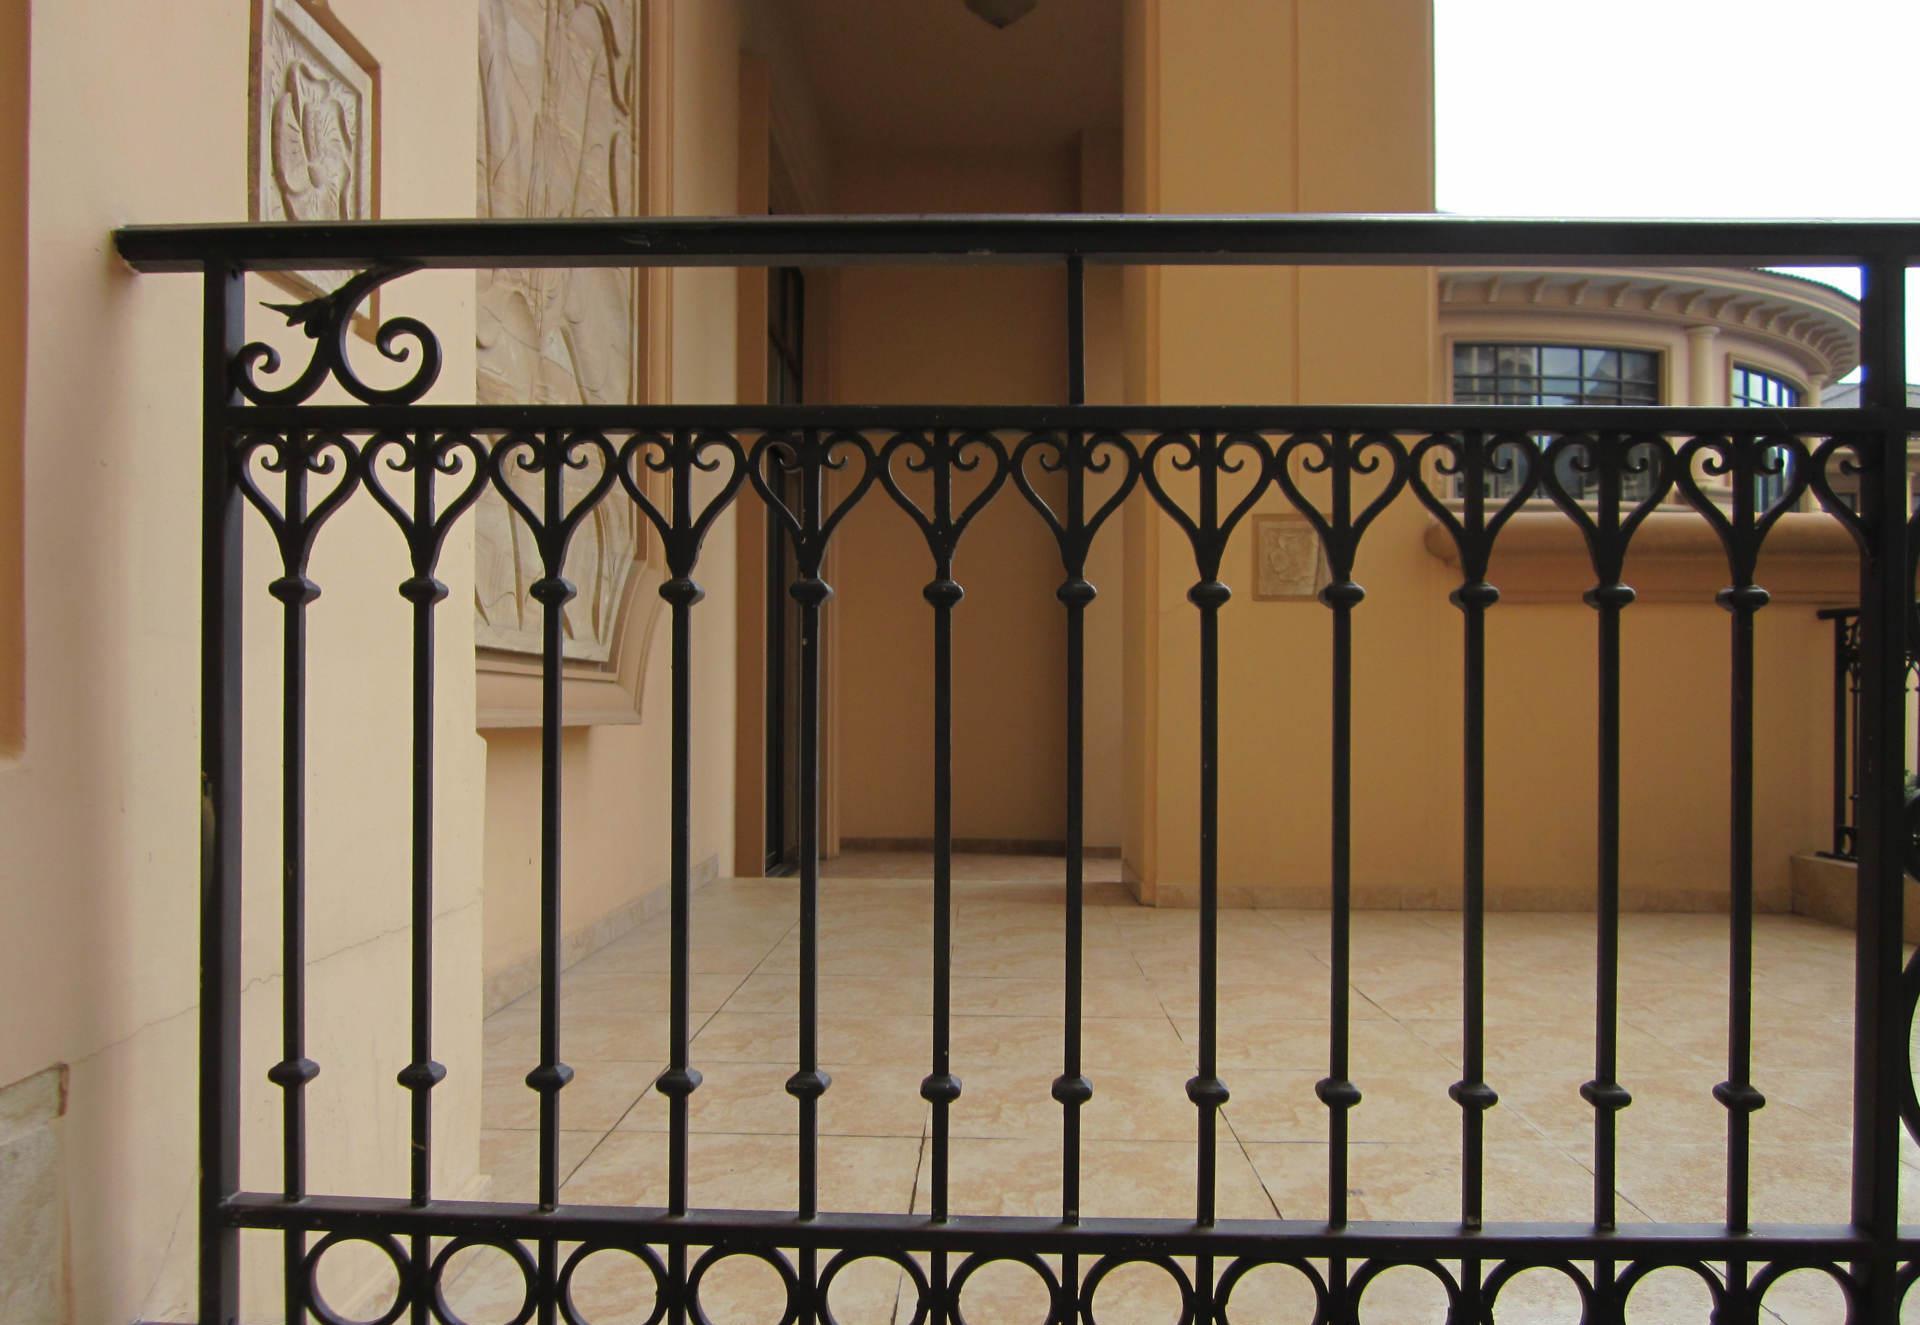 维护铁艺栏杆的重要性以及铁艺栏杆的特点有哪些